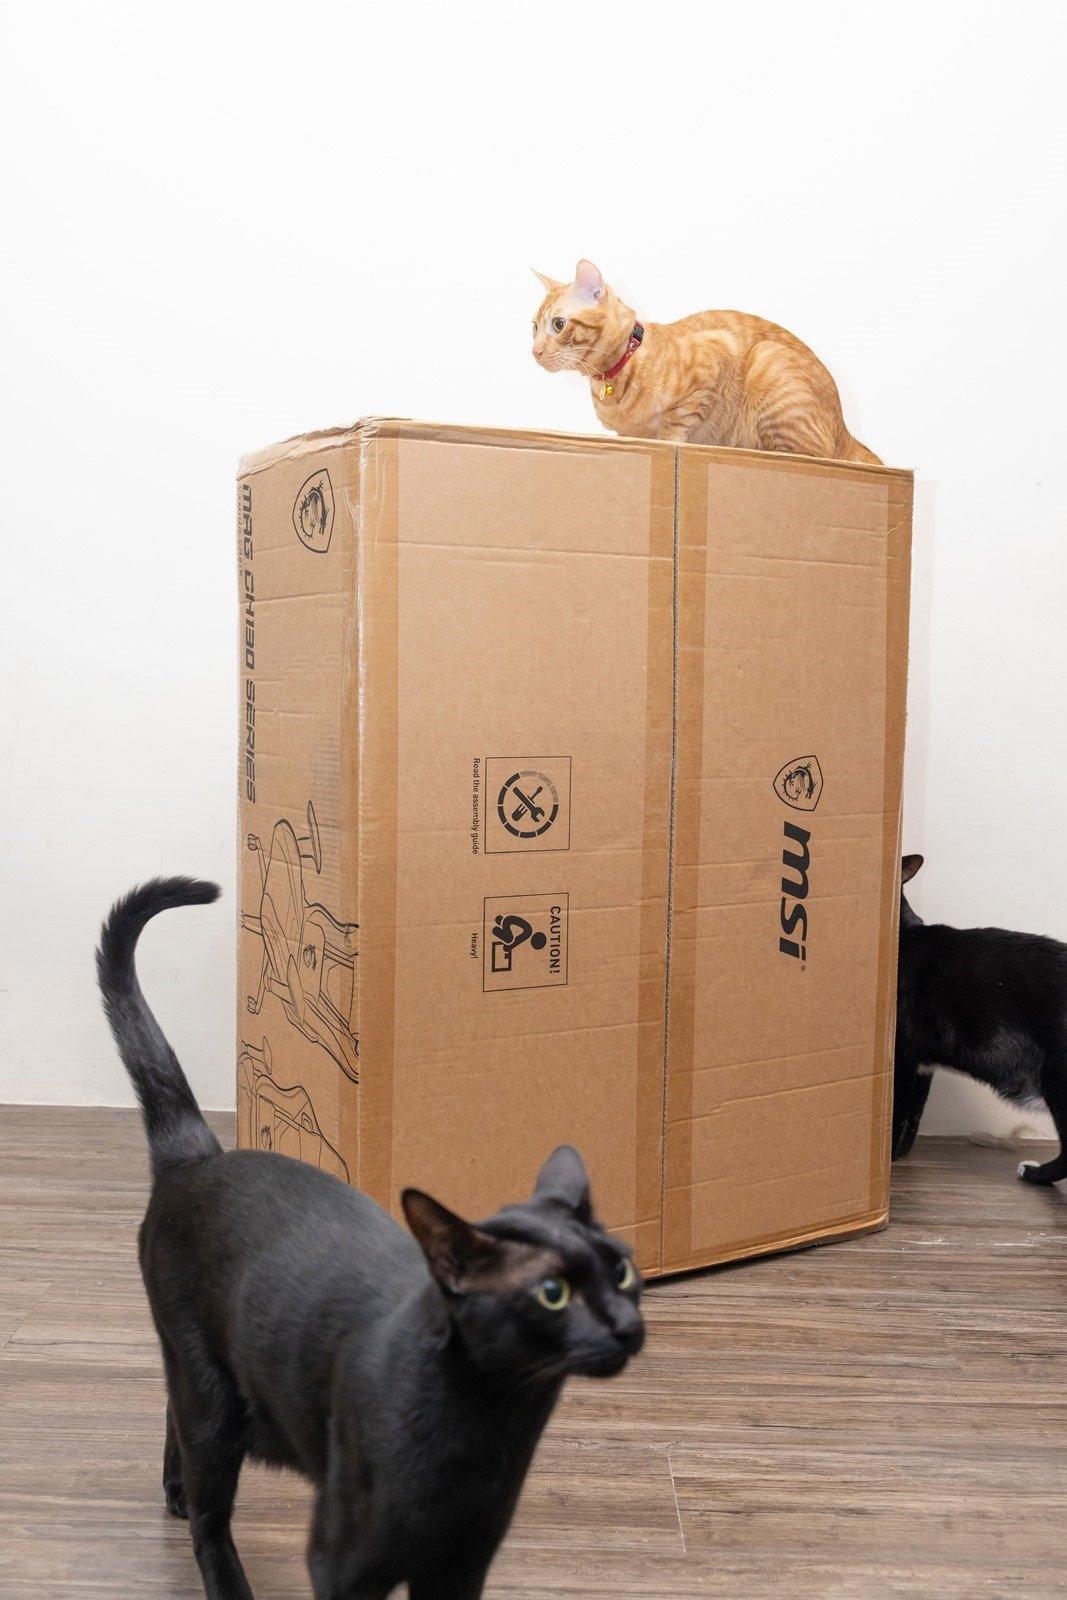 有貓就給讚!加上防貓抓的電競椅!MSI 微星 MAG CH130 I REPELTEK FABRIC 防水電競椅 @3C 達人廖阿輝